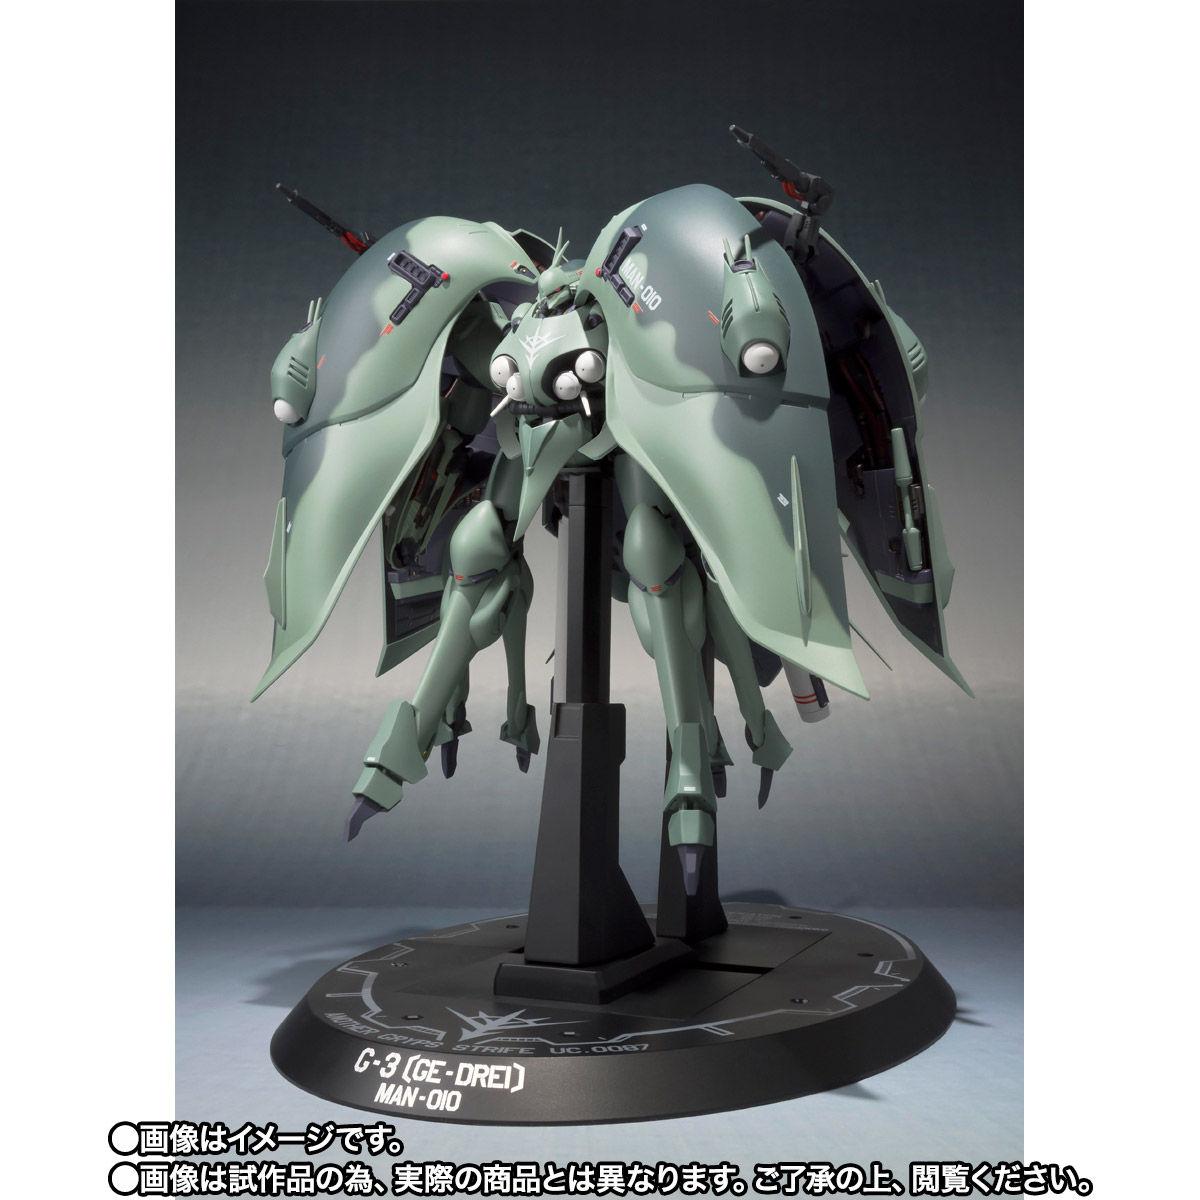 【限定販売】ROBOT魂〈SIDE MS〉『ゲー・ドライ(重塗装仕様)』Zガンダム 可動フィギュア-009